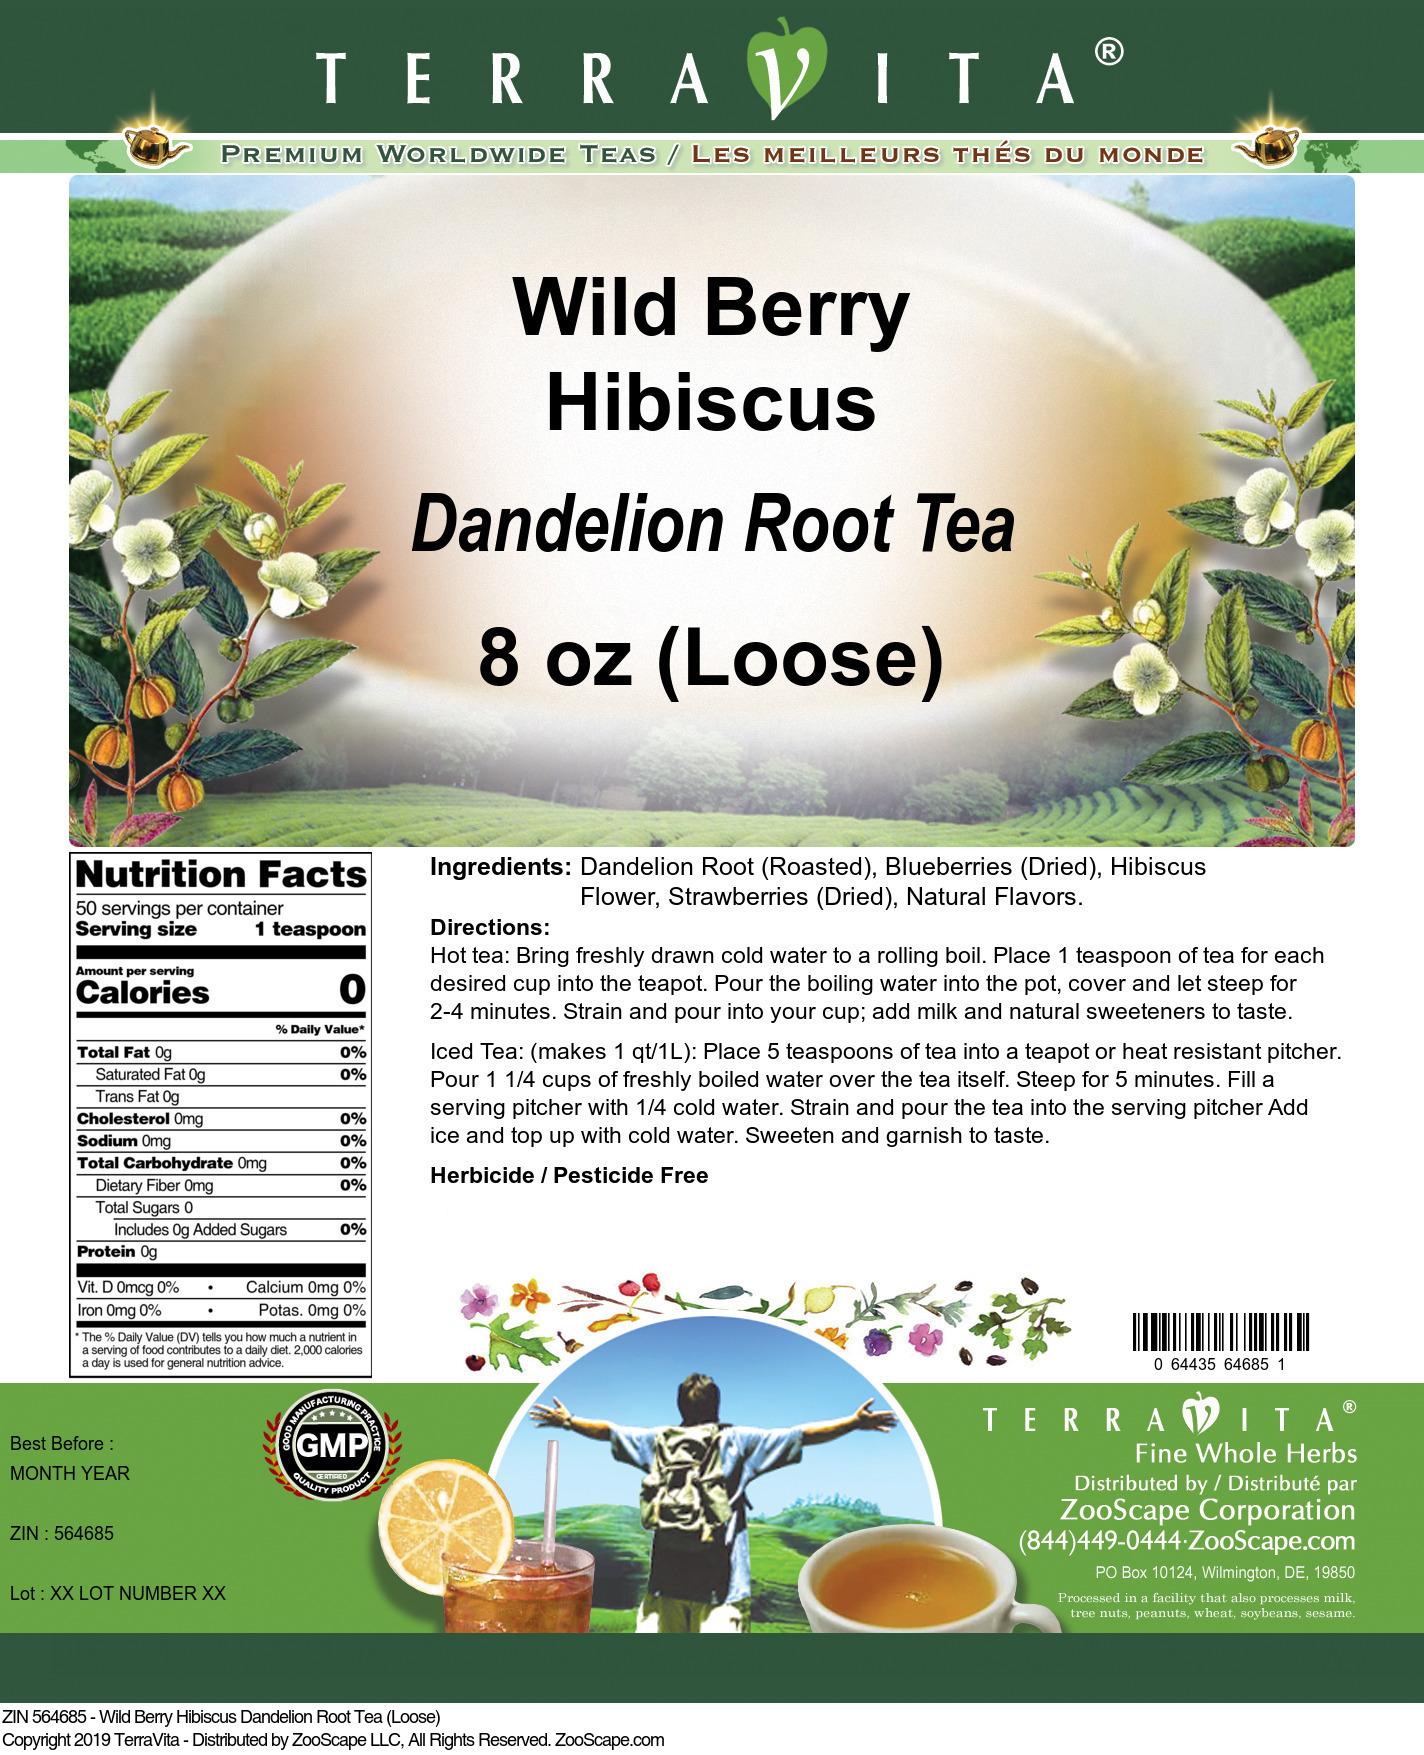 Wild Berry Hibiscus Dandelion Root Tea (Loose)